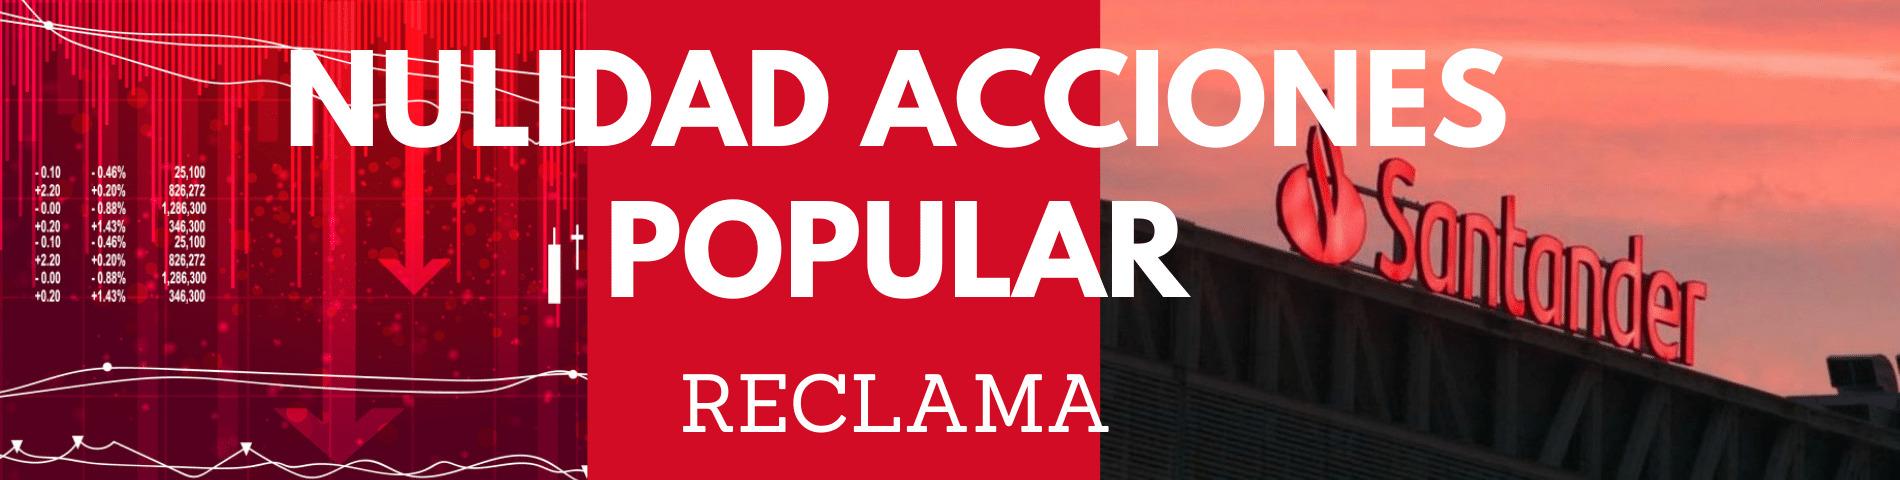 Accionistas del Banco Popular, podéis reclamar al Santander por la venta de acciones